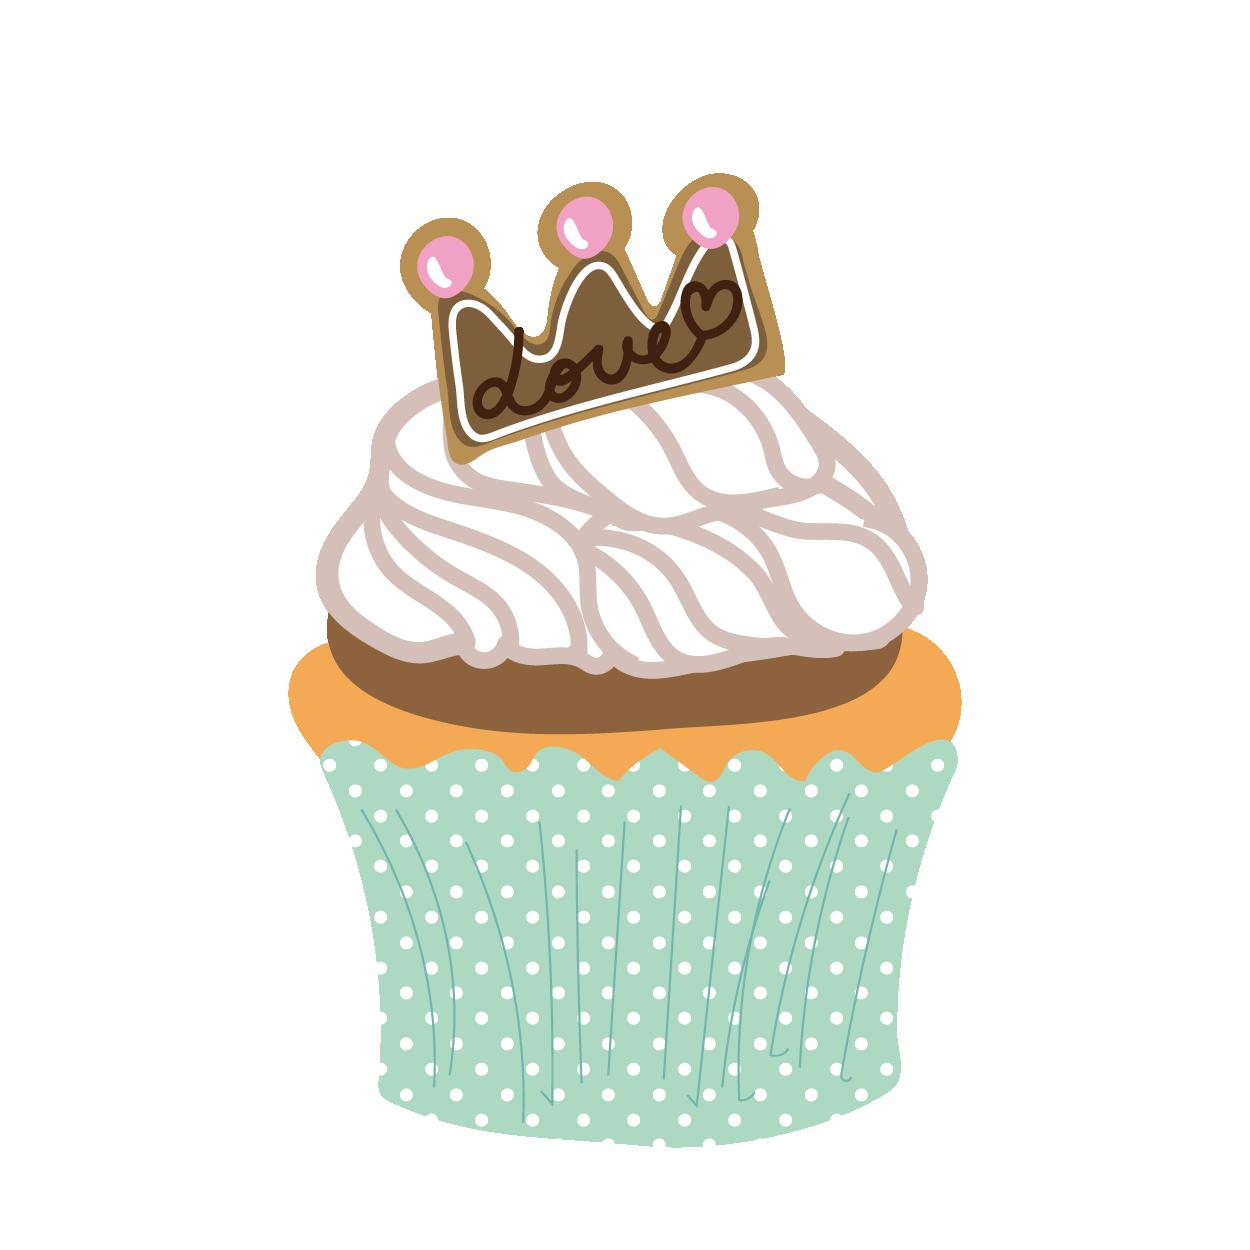 クリームがのったカップケーキスイーツお菓子 商用フリー無料